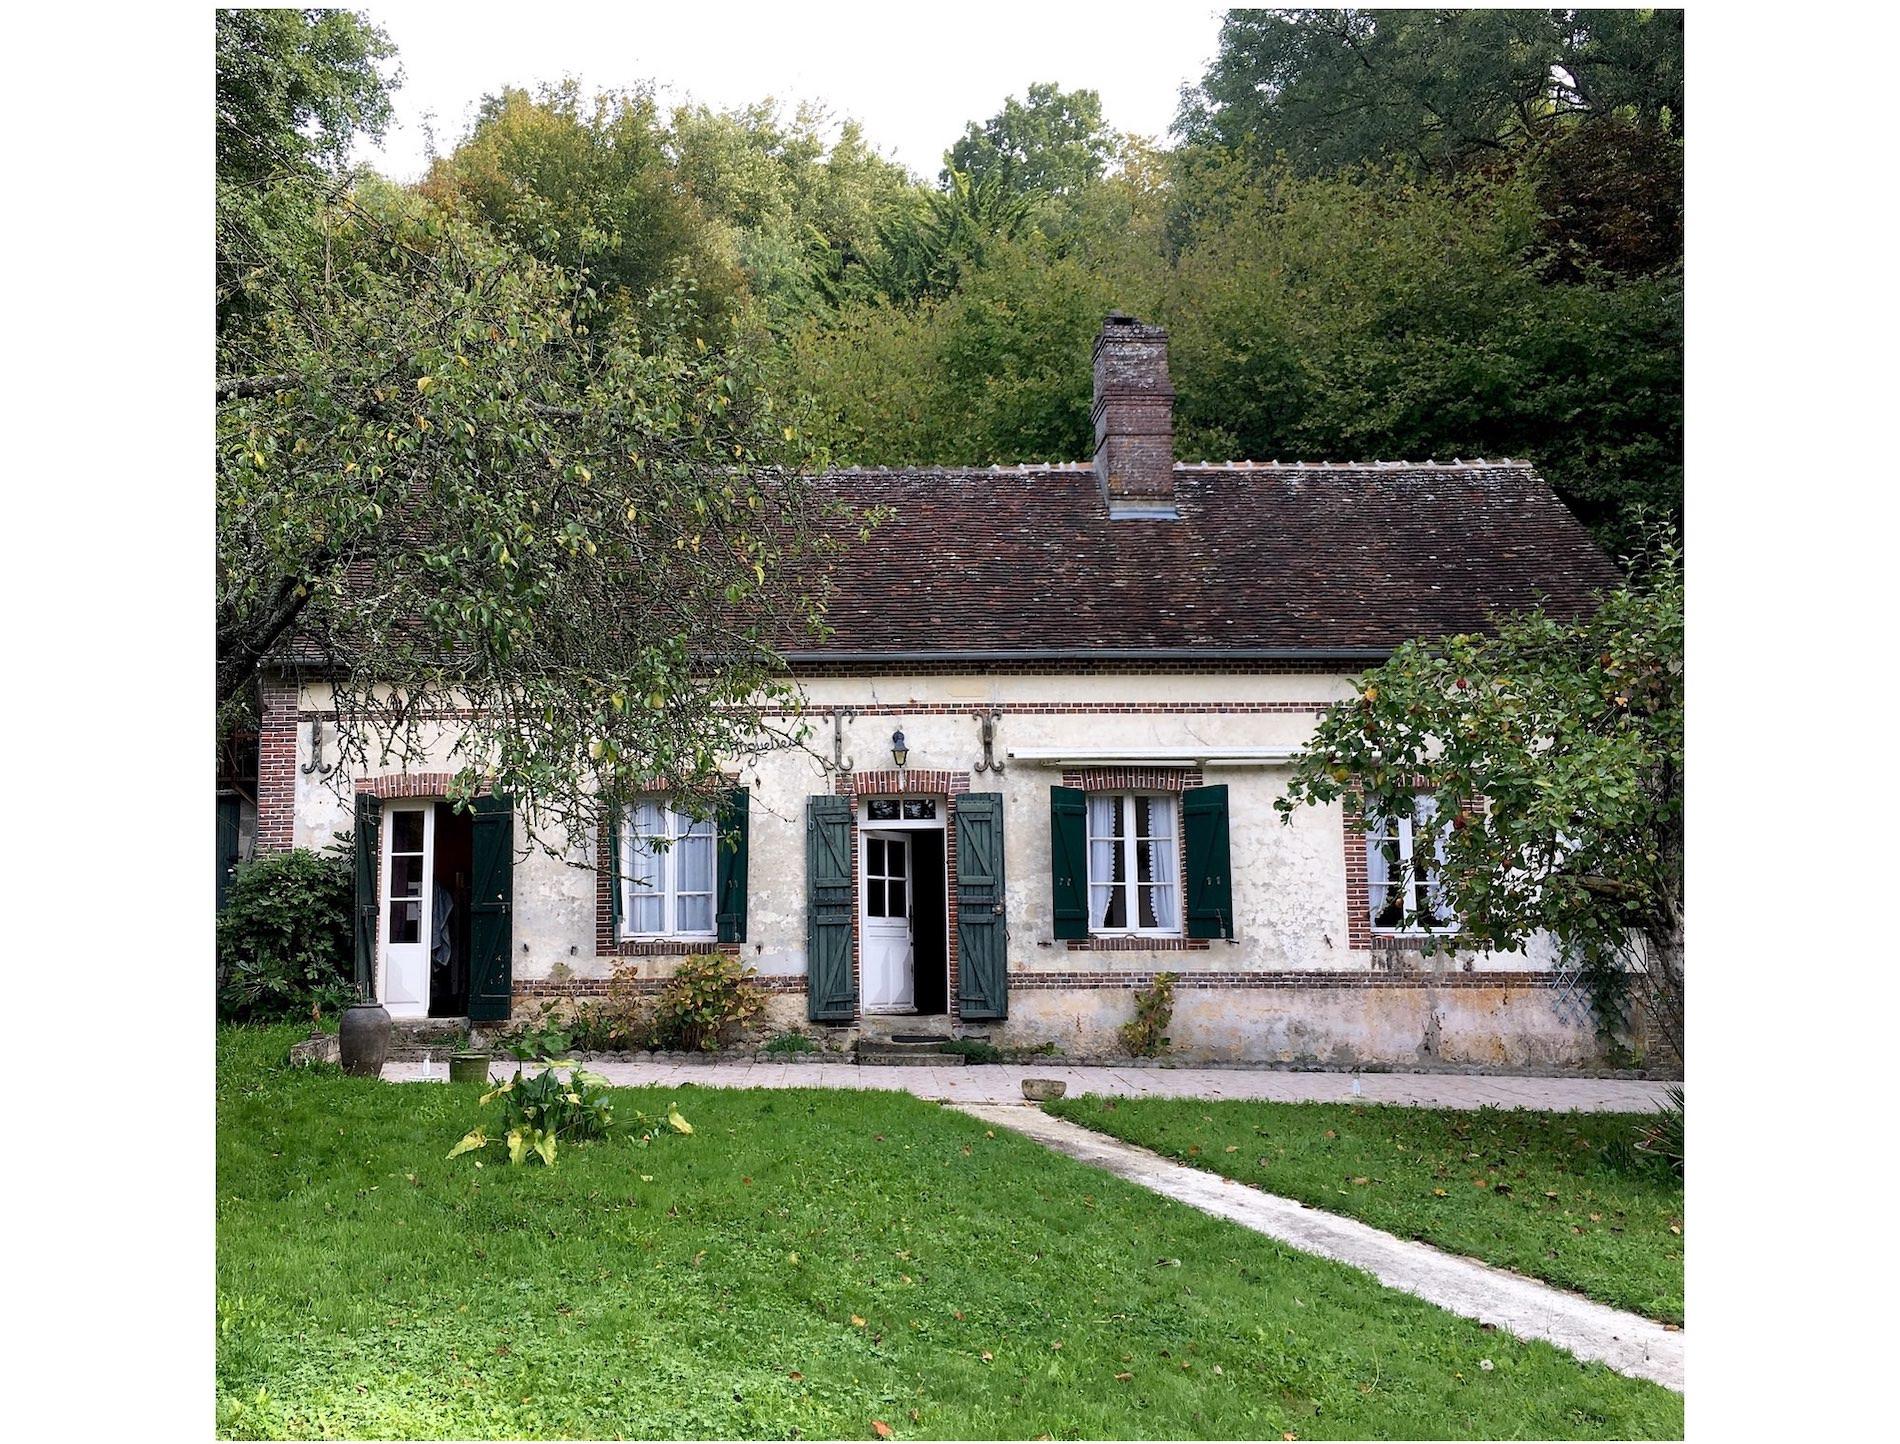 Maison Coque Roue avant droite